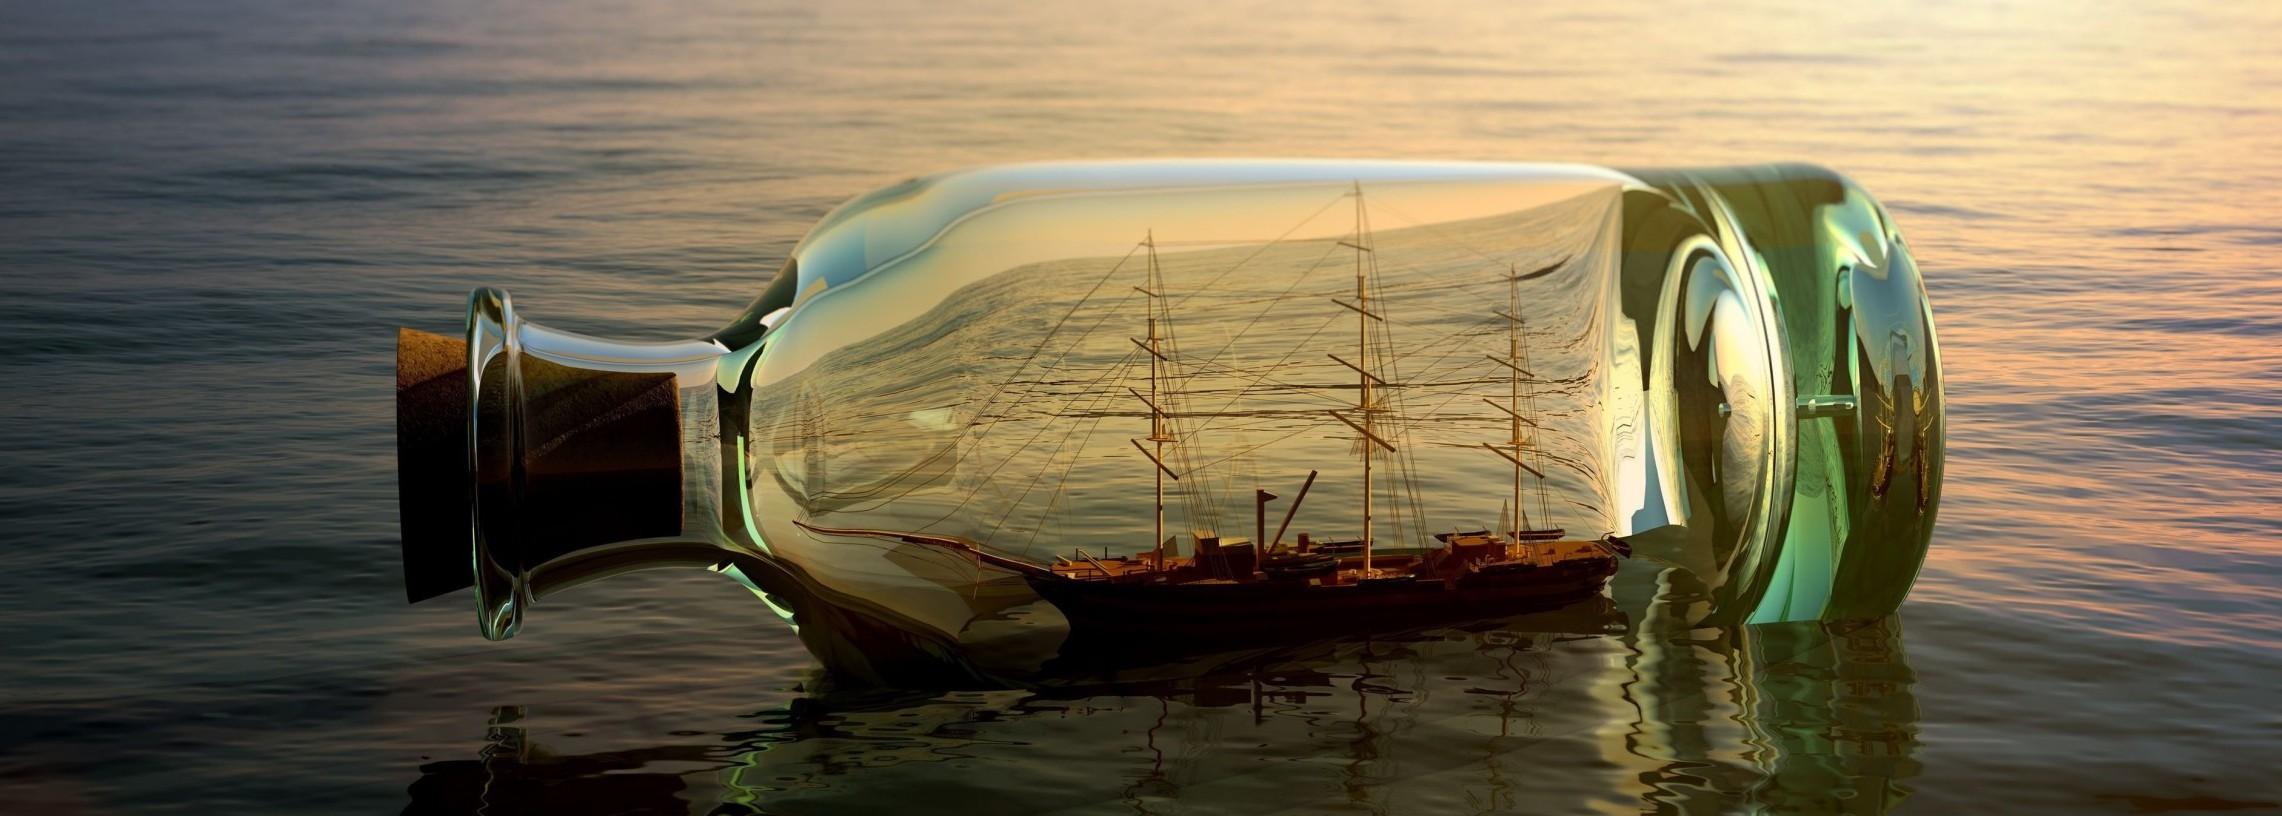 ship_vessel_bottle_mood_3500x1600-e1450381744726